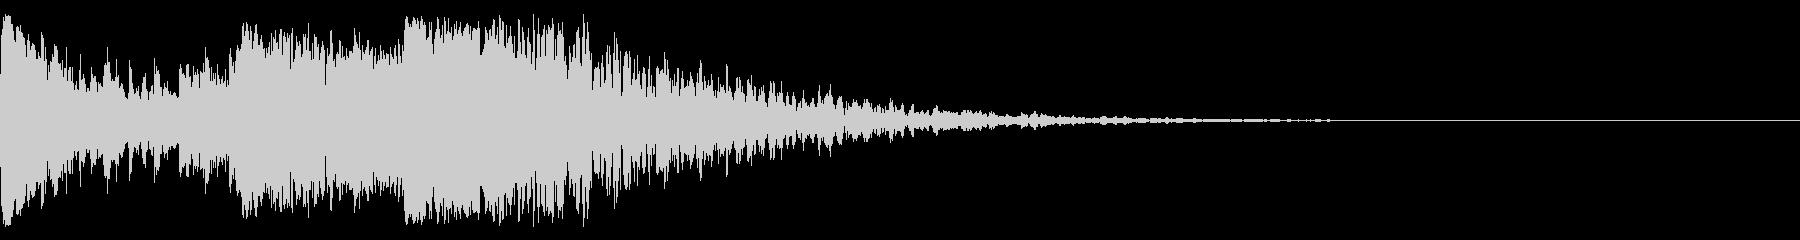 ハリウッド系 ド迫力ドラム ジングル02の未再生の波形